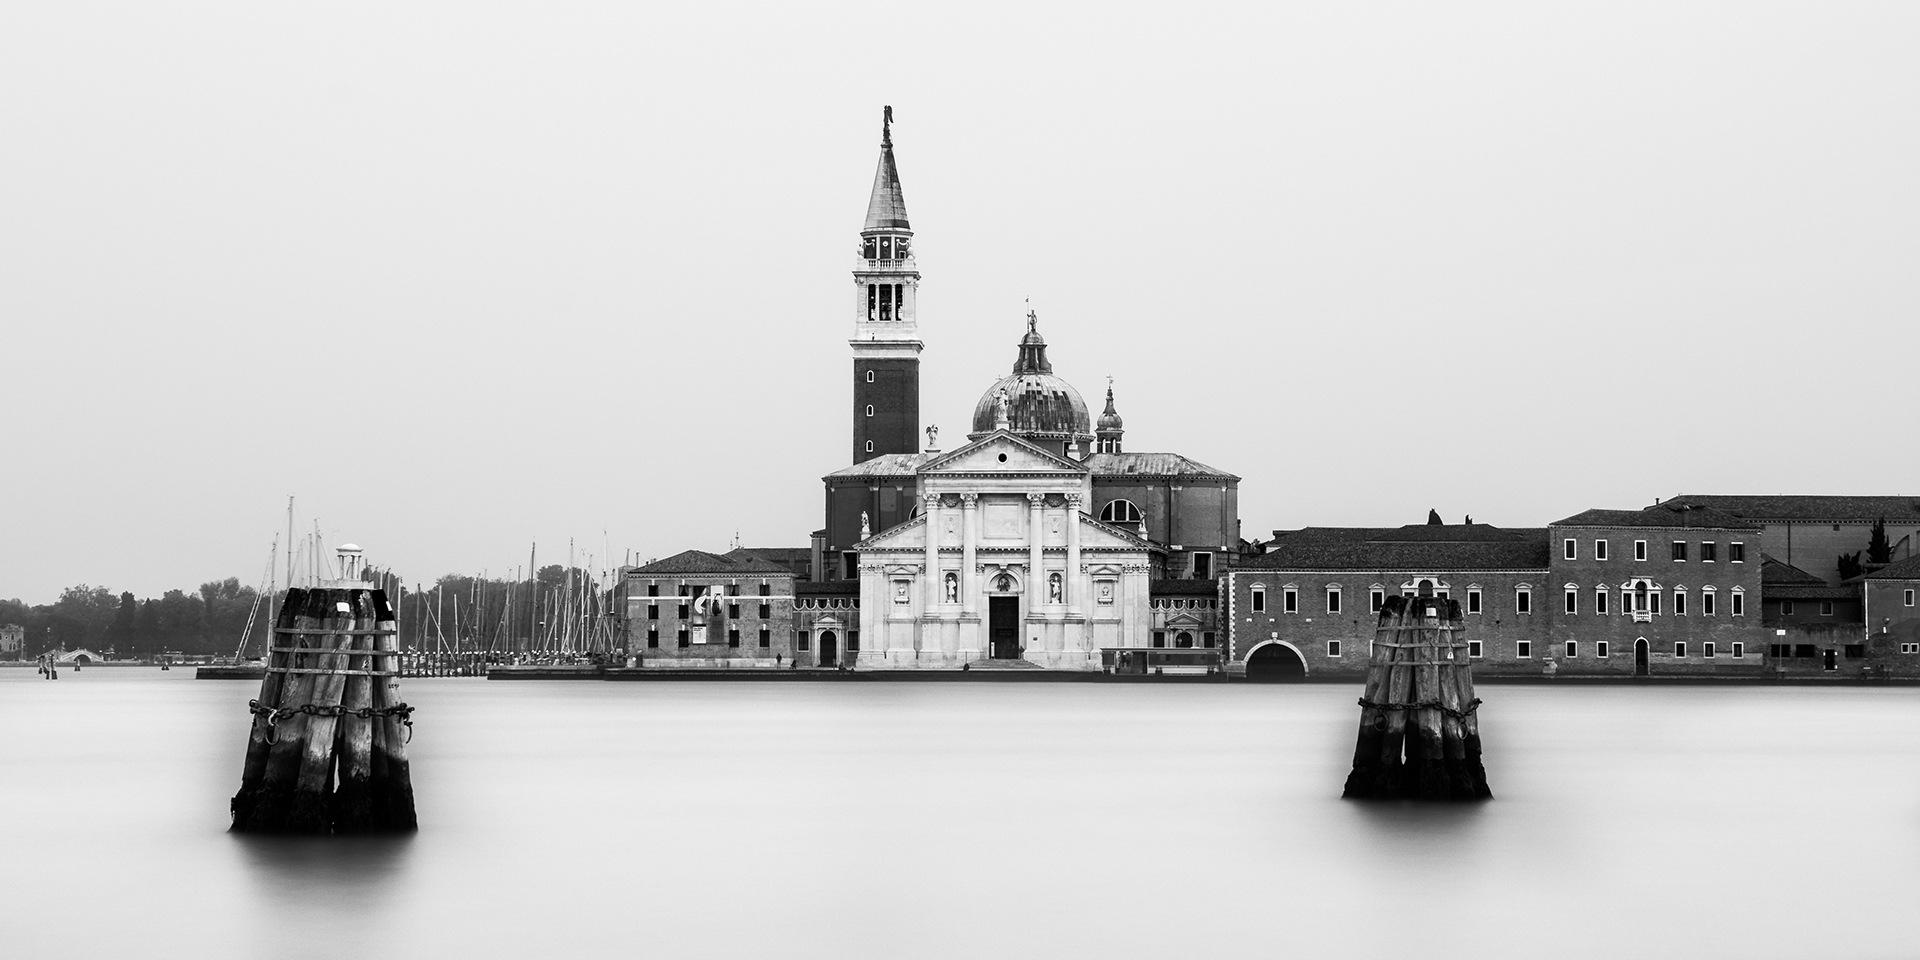 San Giorgio Maggiore by Ian Farrugia